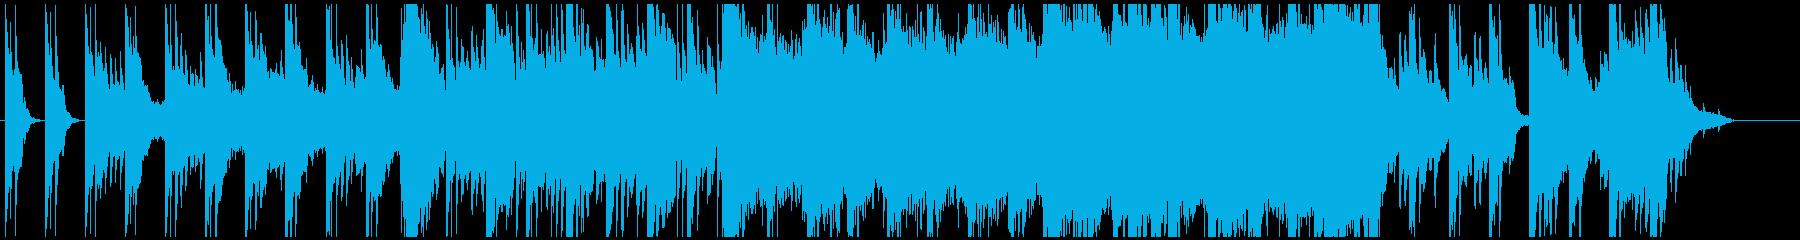 和風BGM 大森林に包まれている様な響きの再生済みの波形